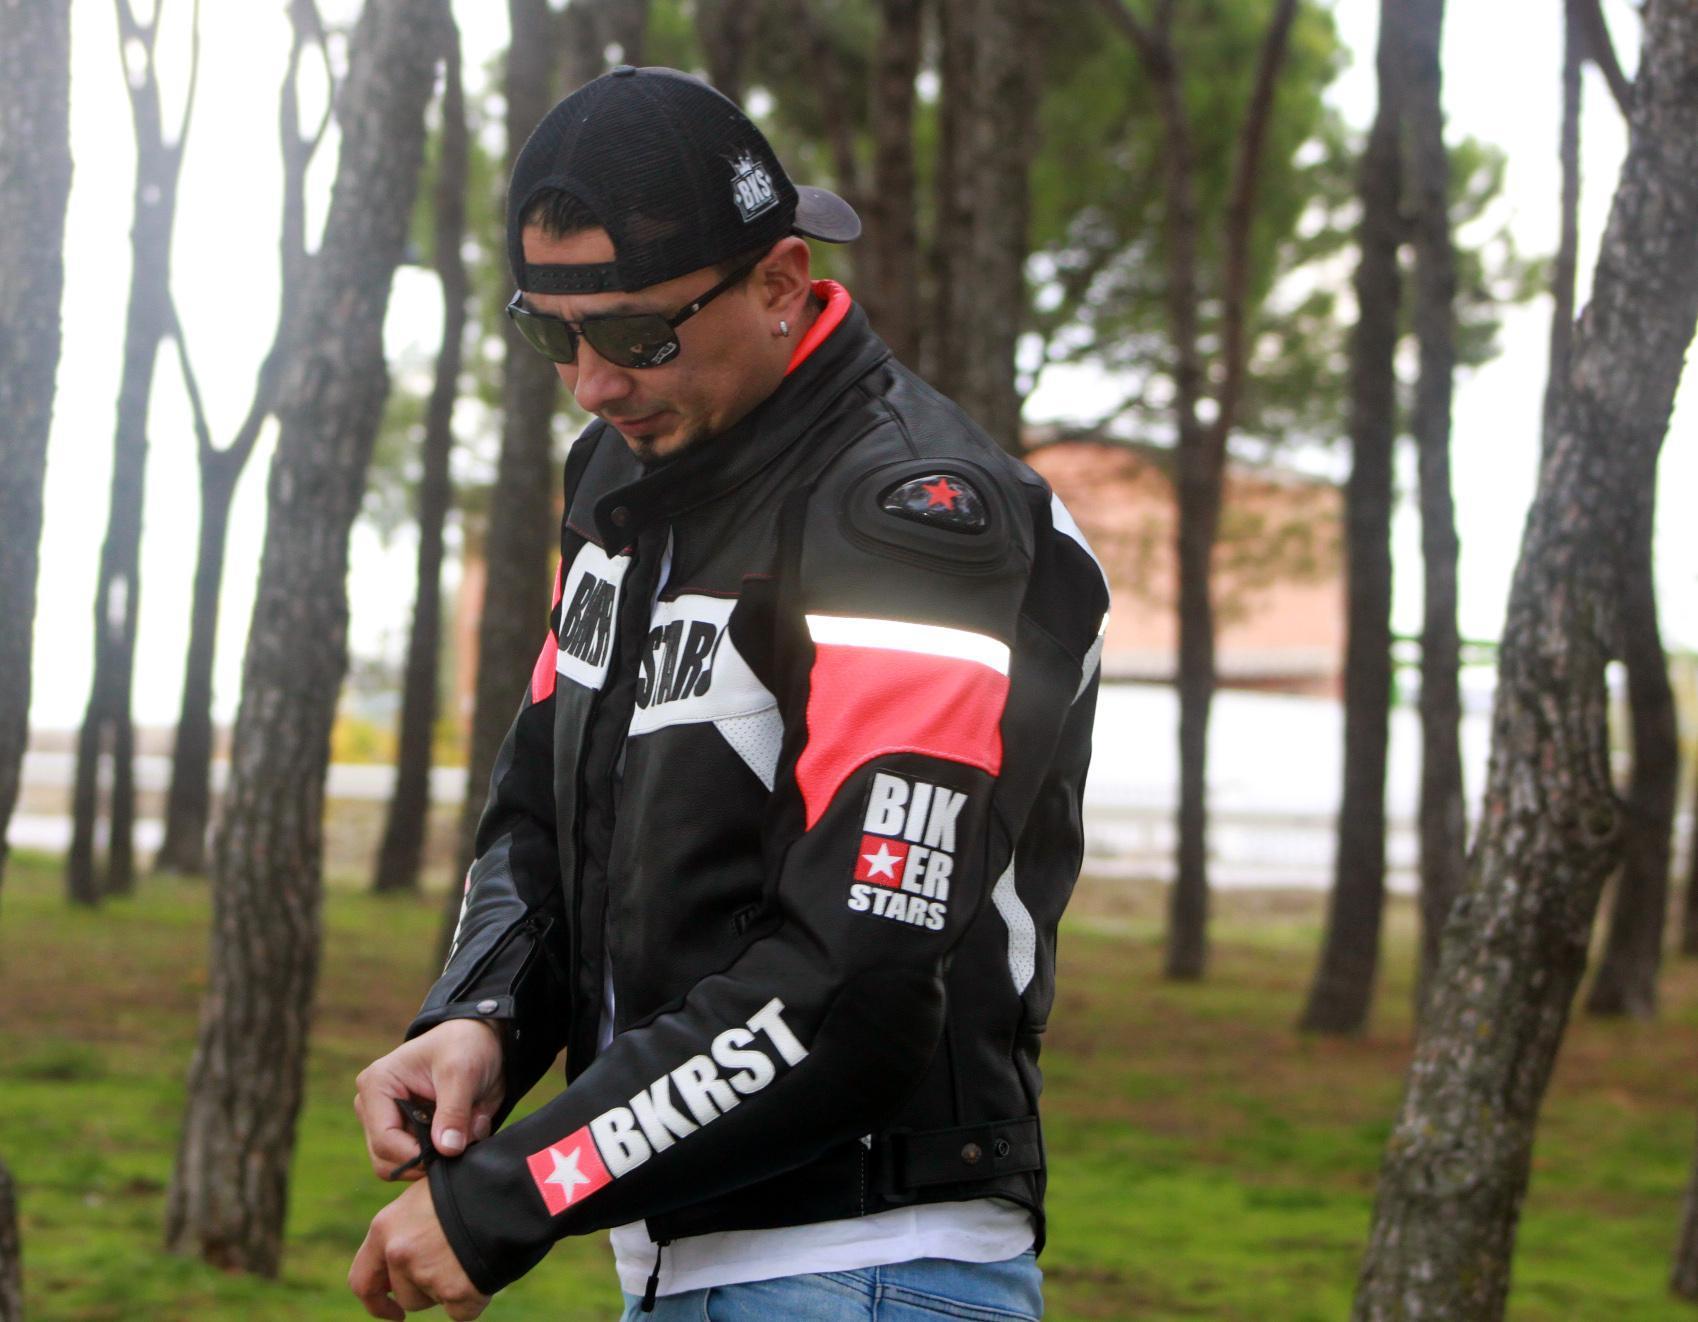 Andres bikerstars